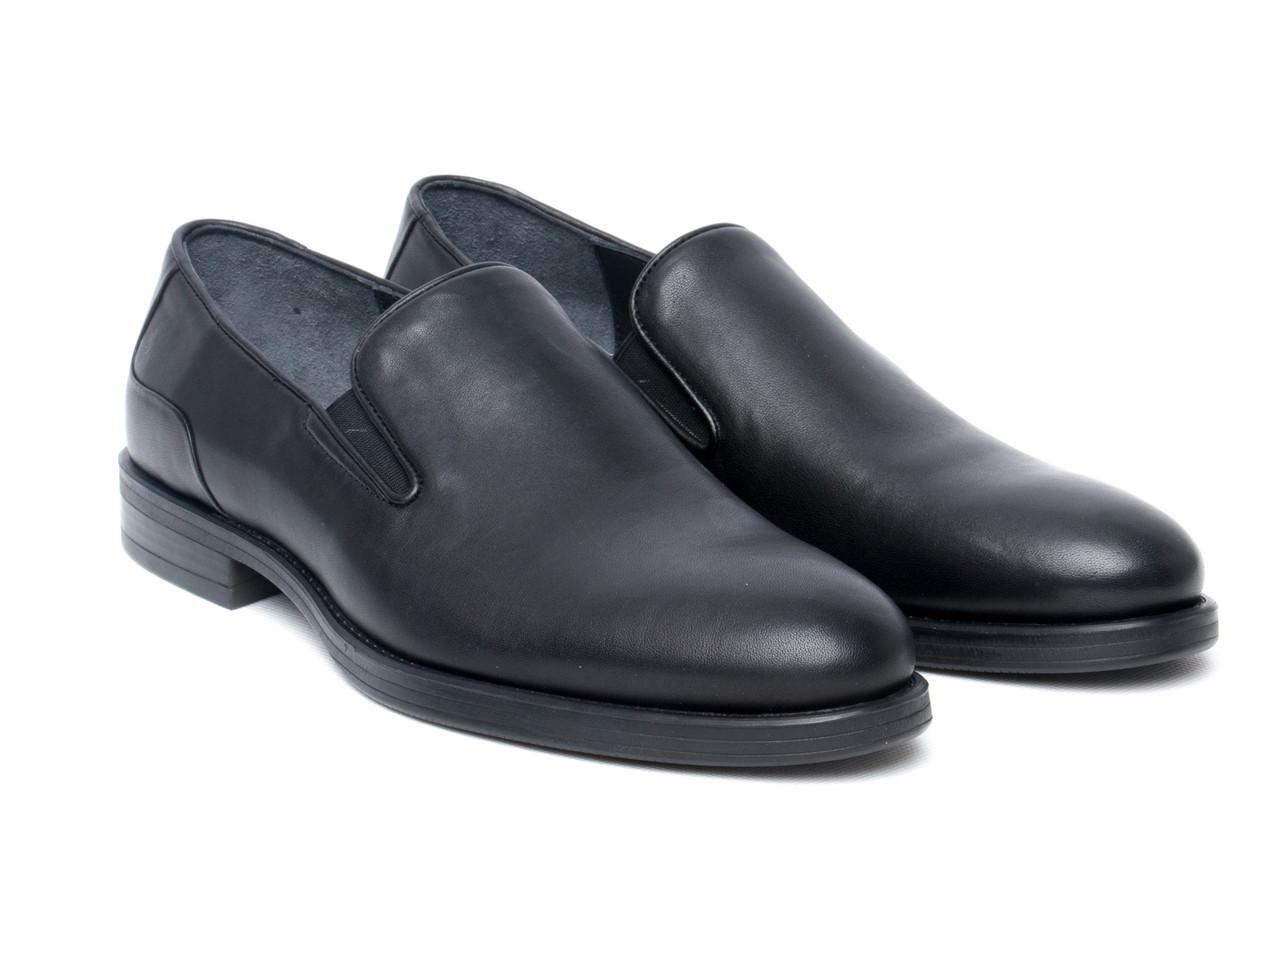 Туфли Etor 14534-7353 44 черные